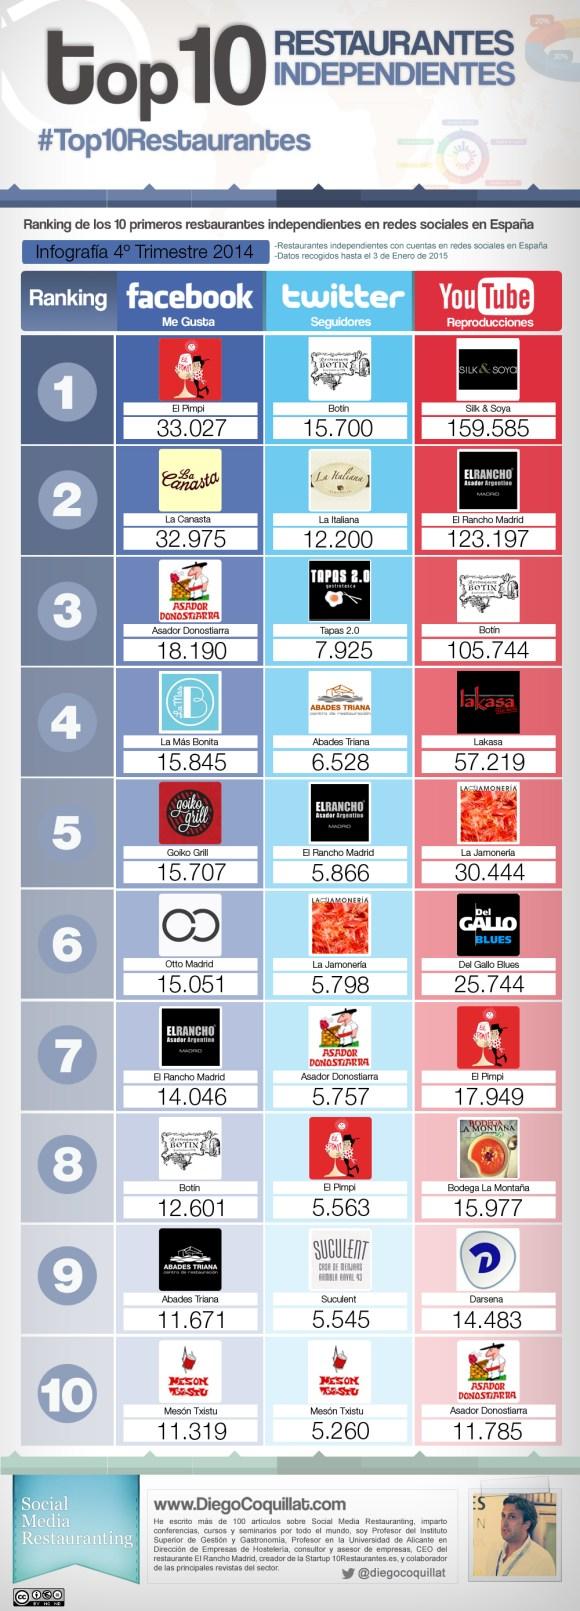 Les meilleurs restaurants dans les réseaux sociaux 2014